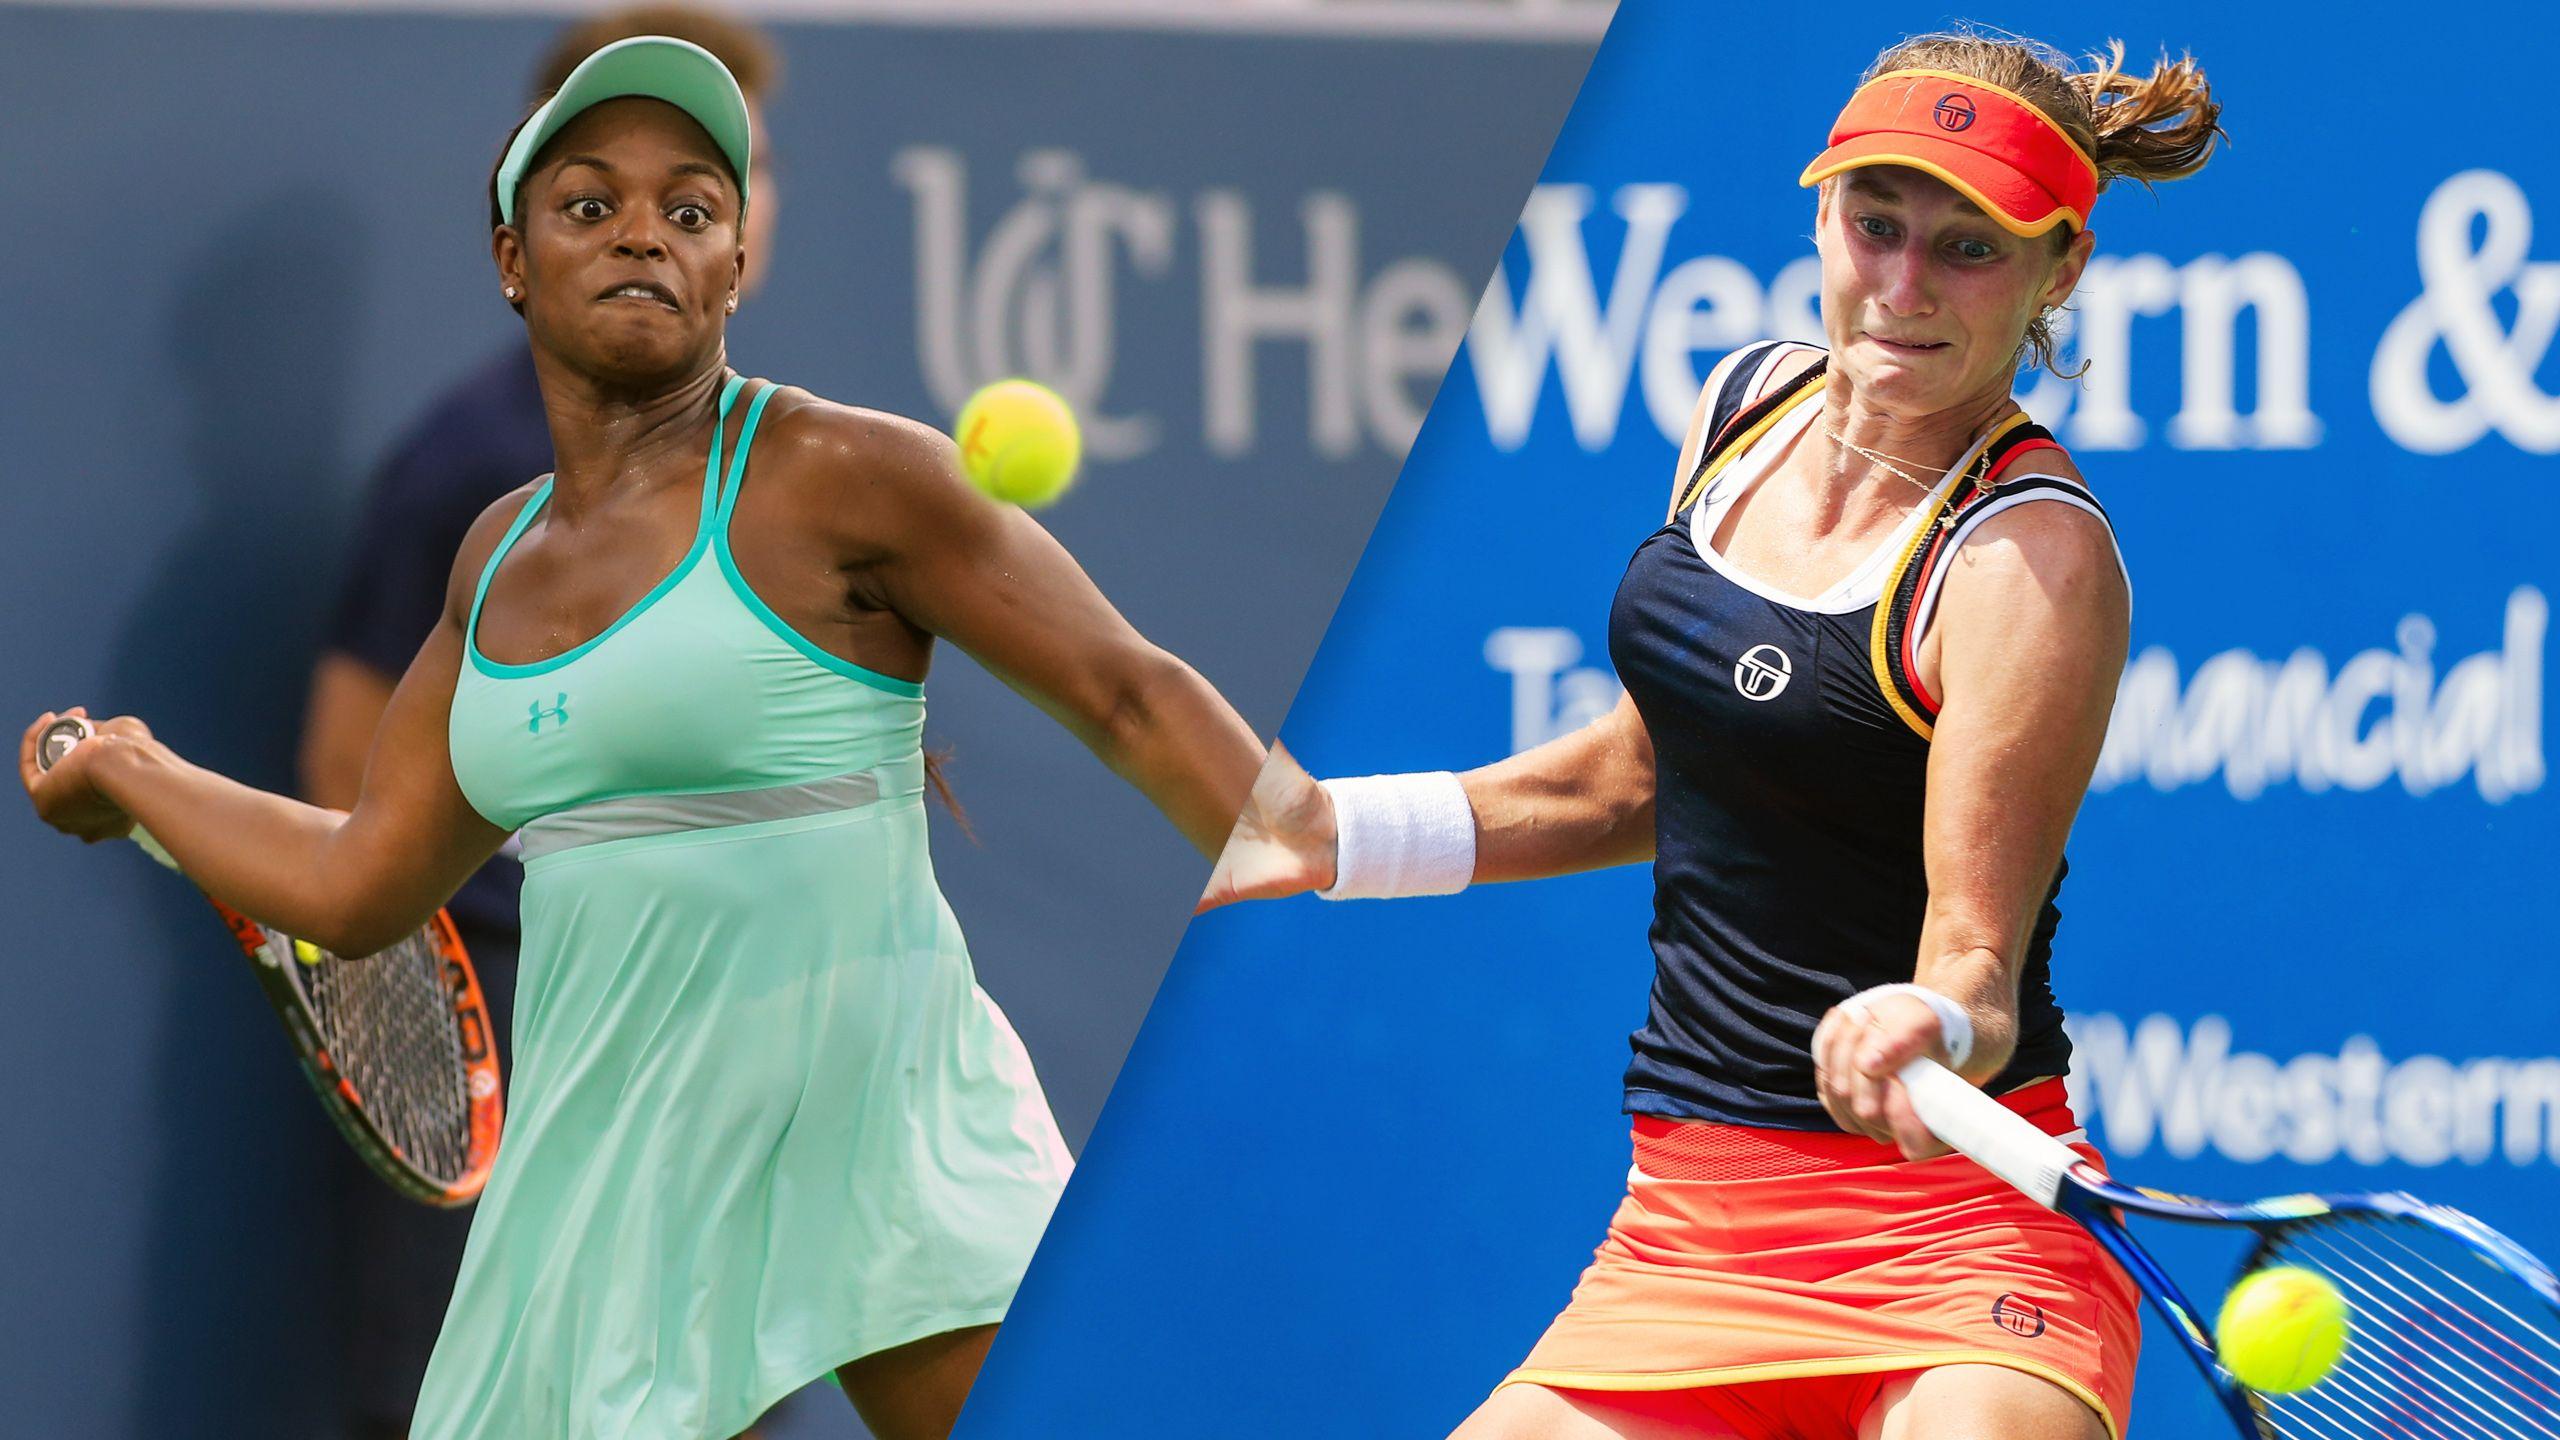 Sloane Stephens vs. Ekaterina Makarova (Women's Round of 16)